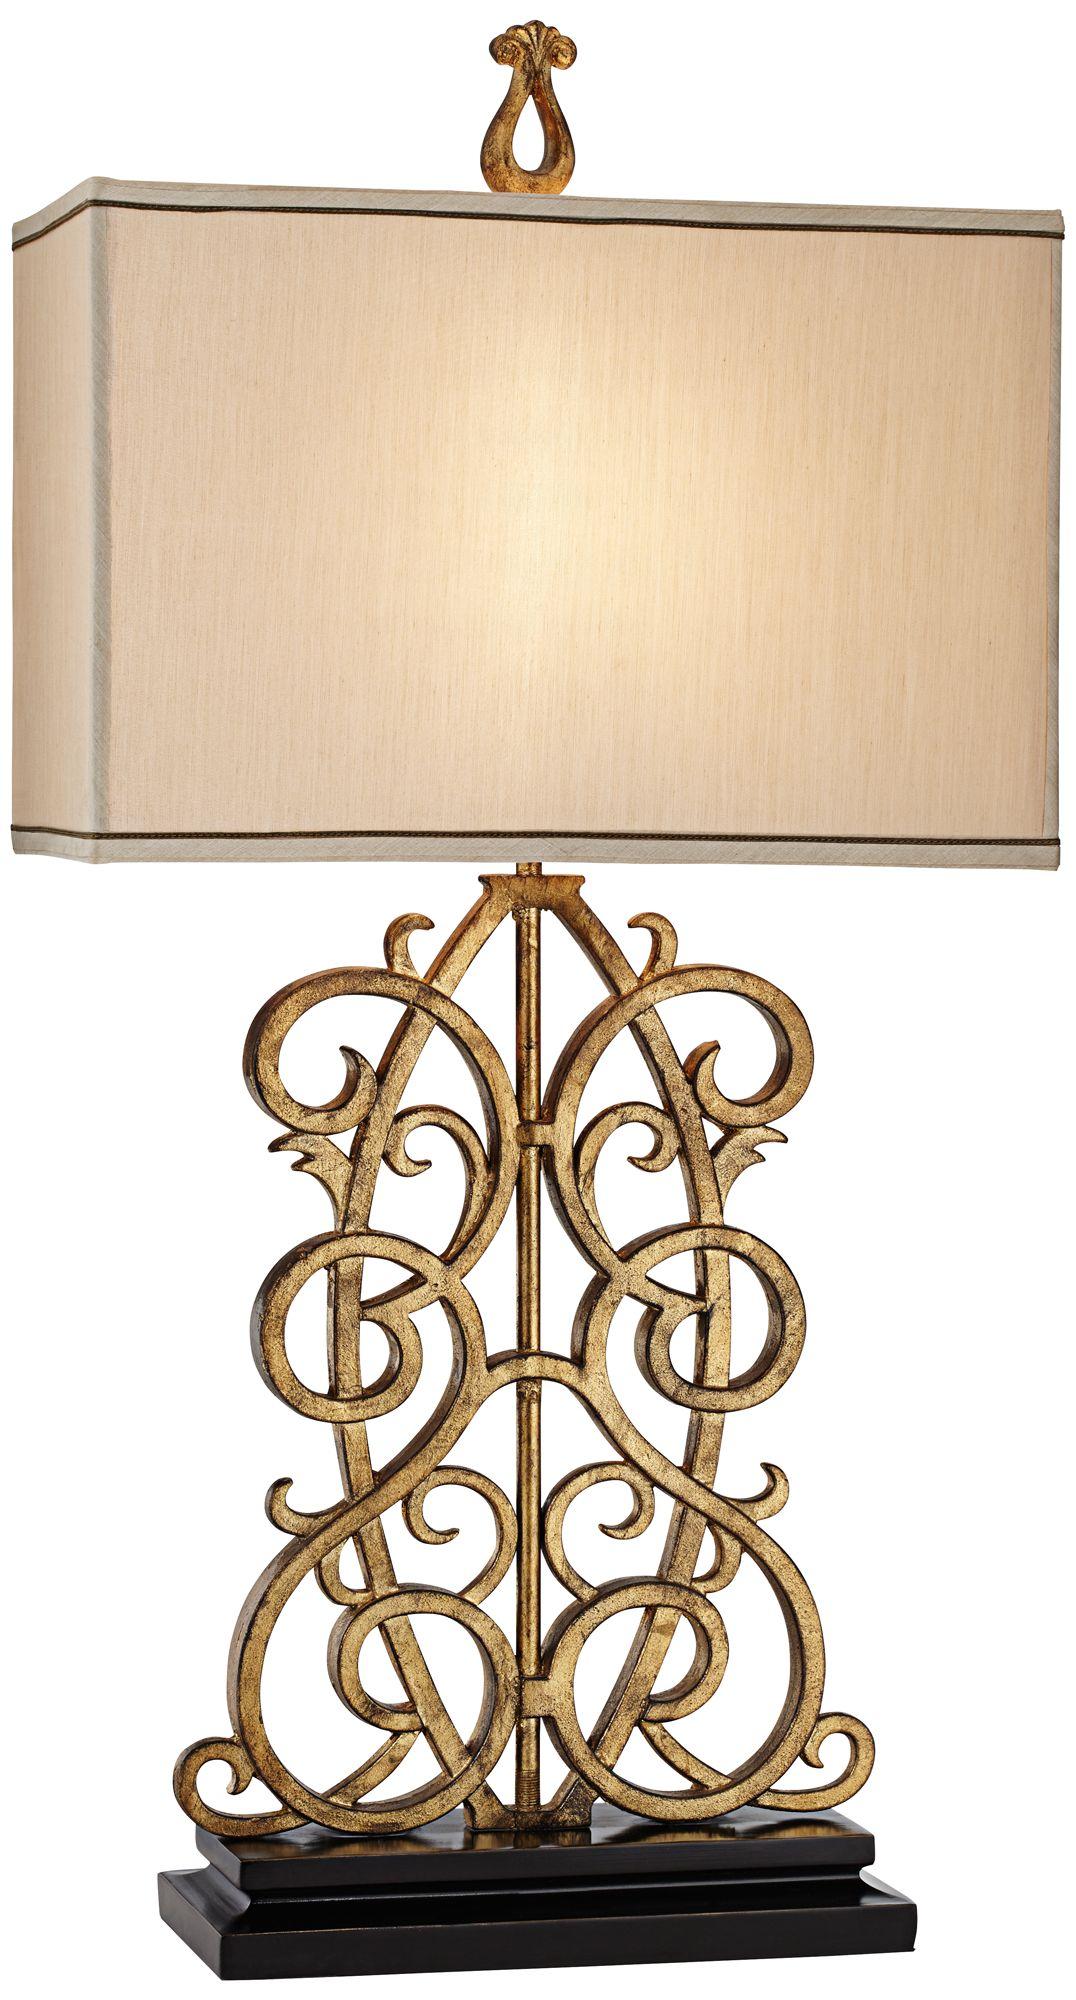 Jardin Gate Antique Gold Leaf Scroll Table Lamp